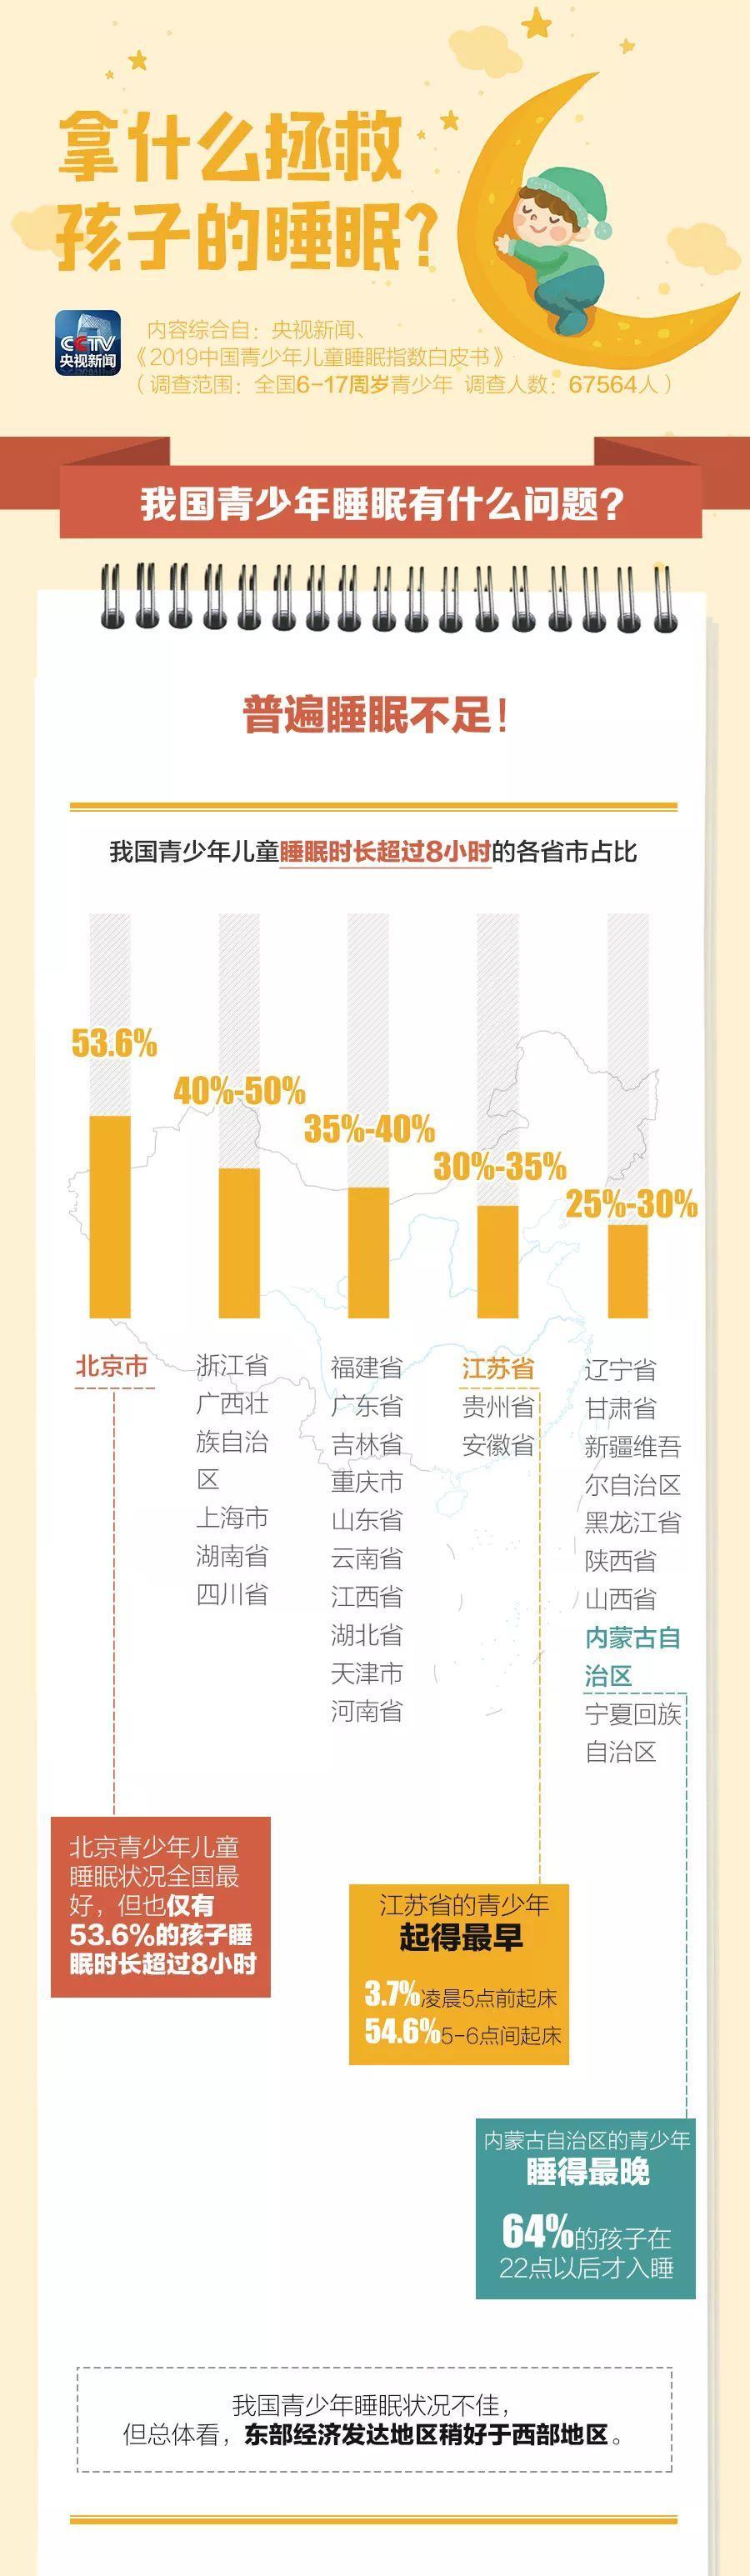 """愁人!中国超六成儿童睡眠不足8小时 它们是""""罪魁祸首"""""""